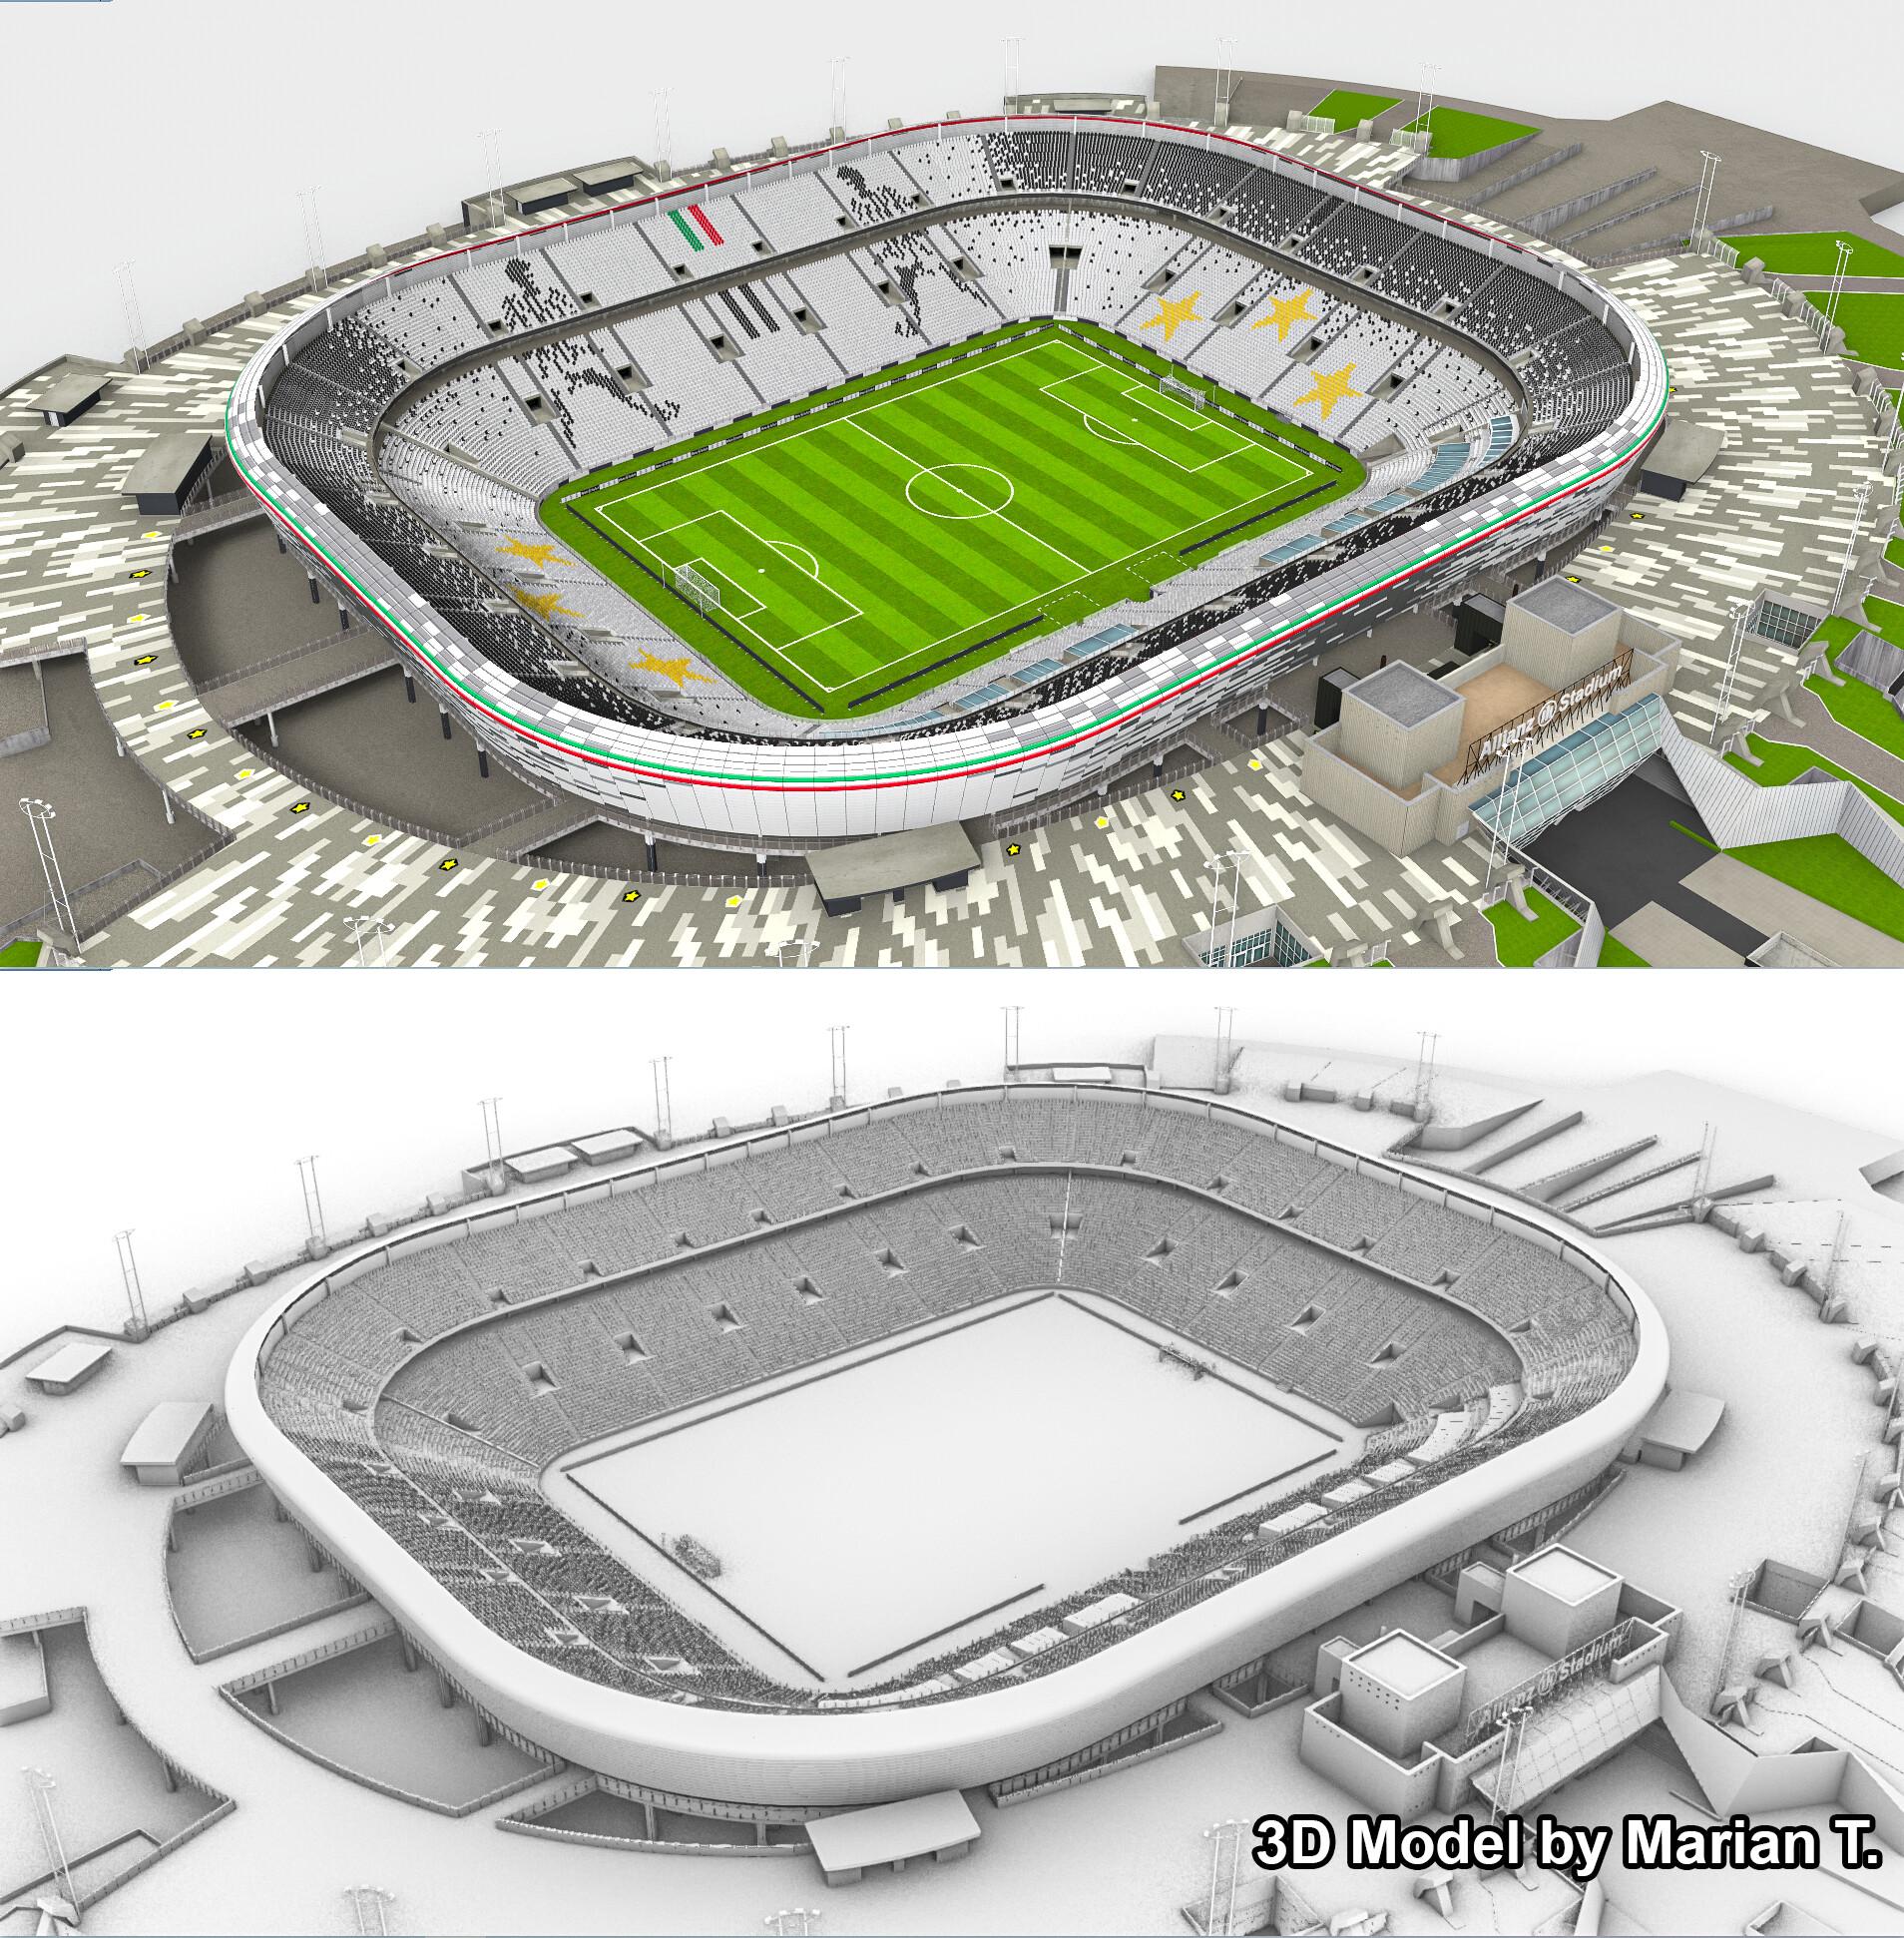 Marian T Allianz Stadium Juventus 3d Model